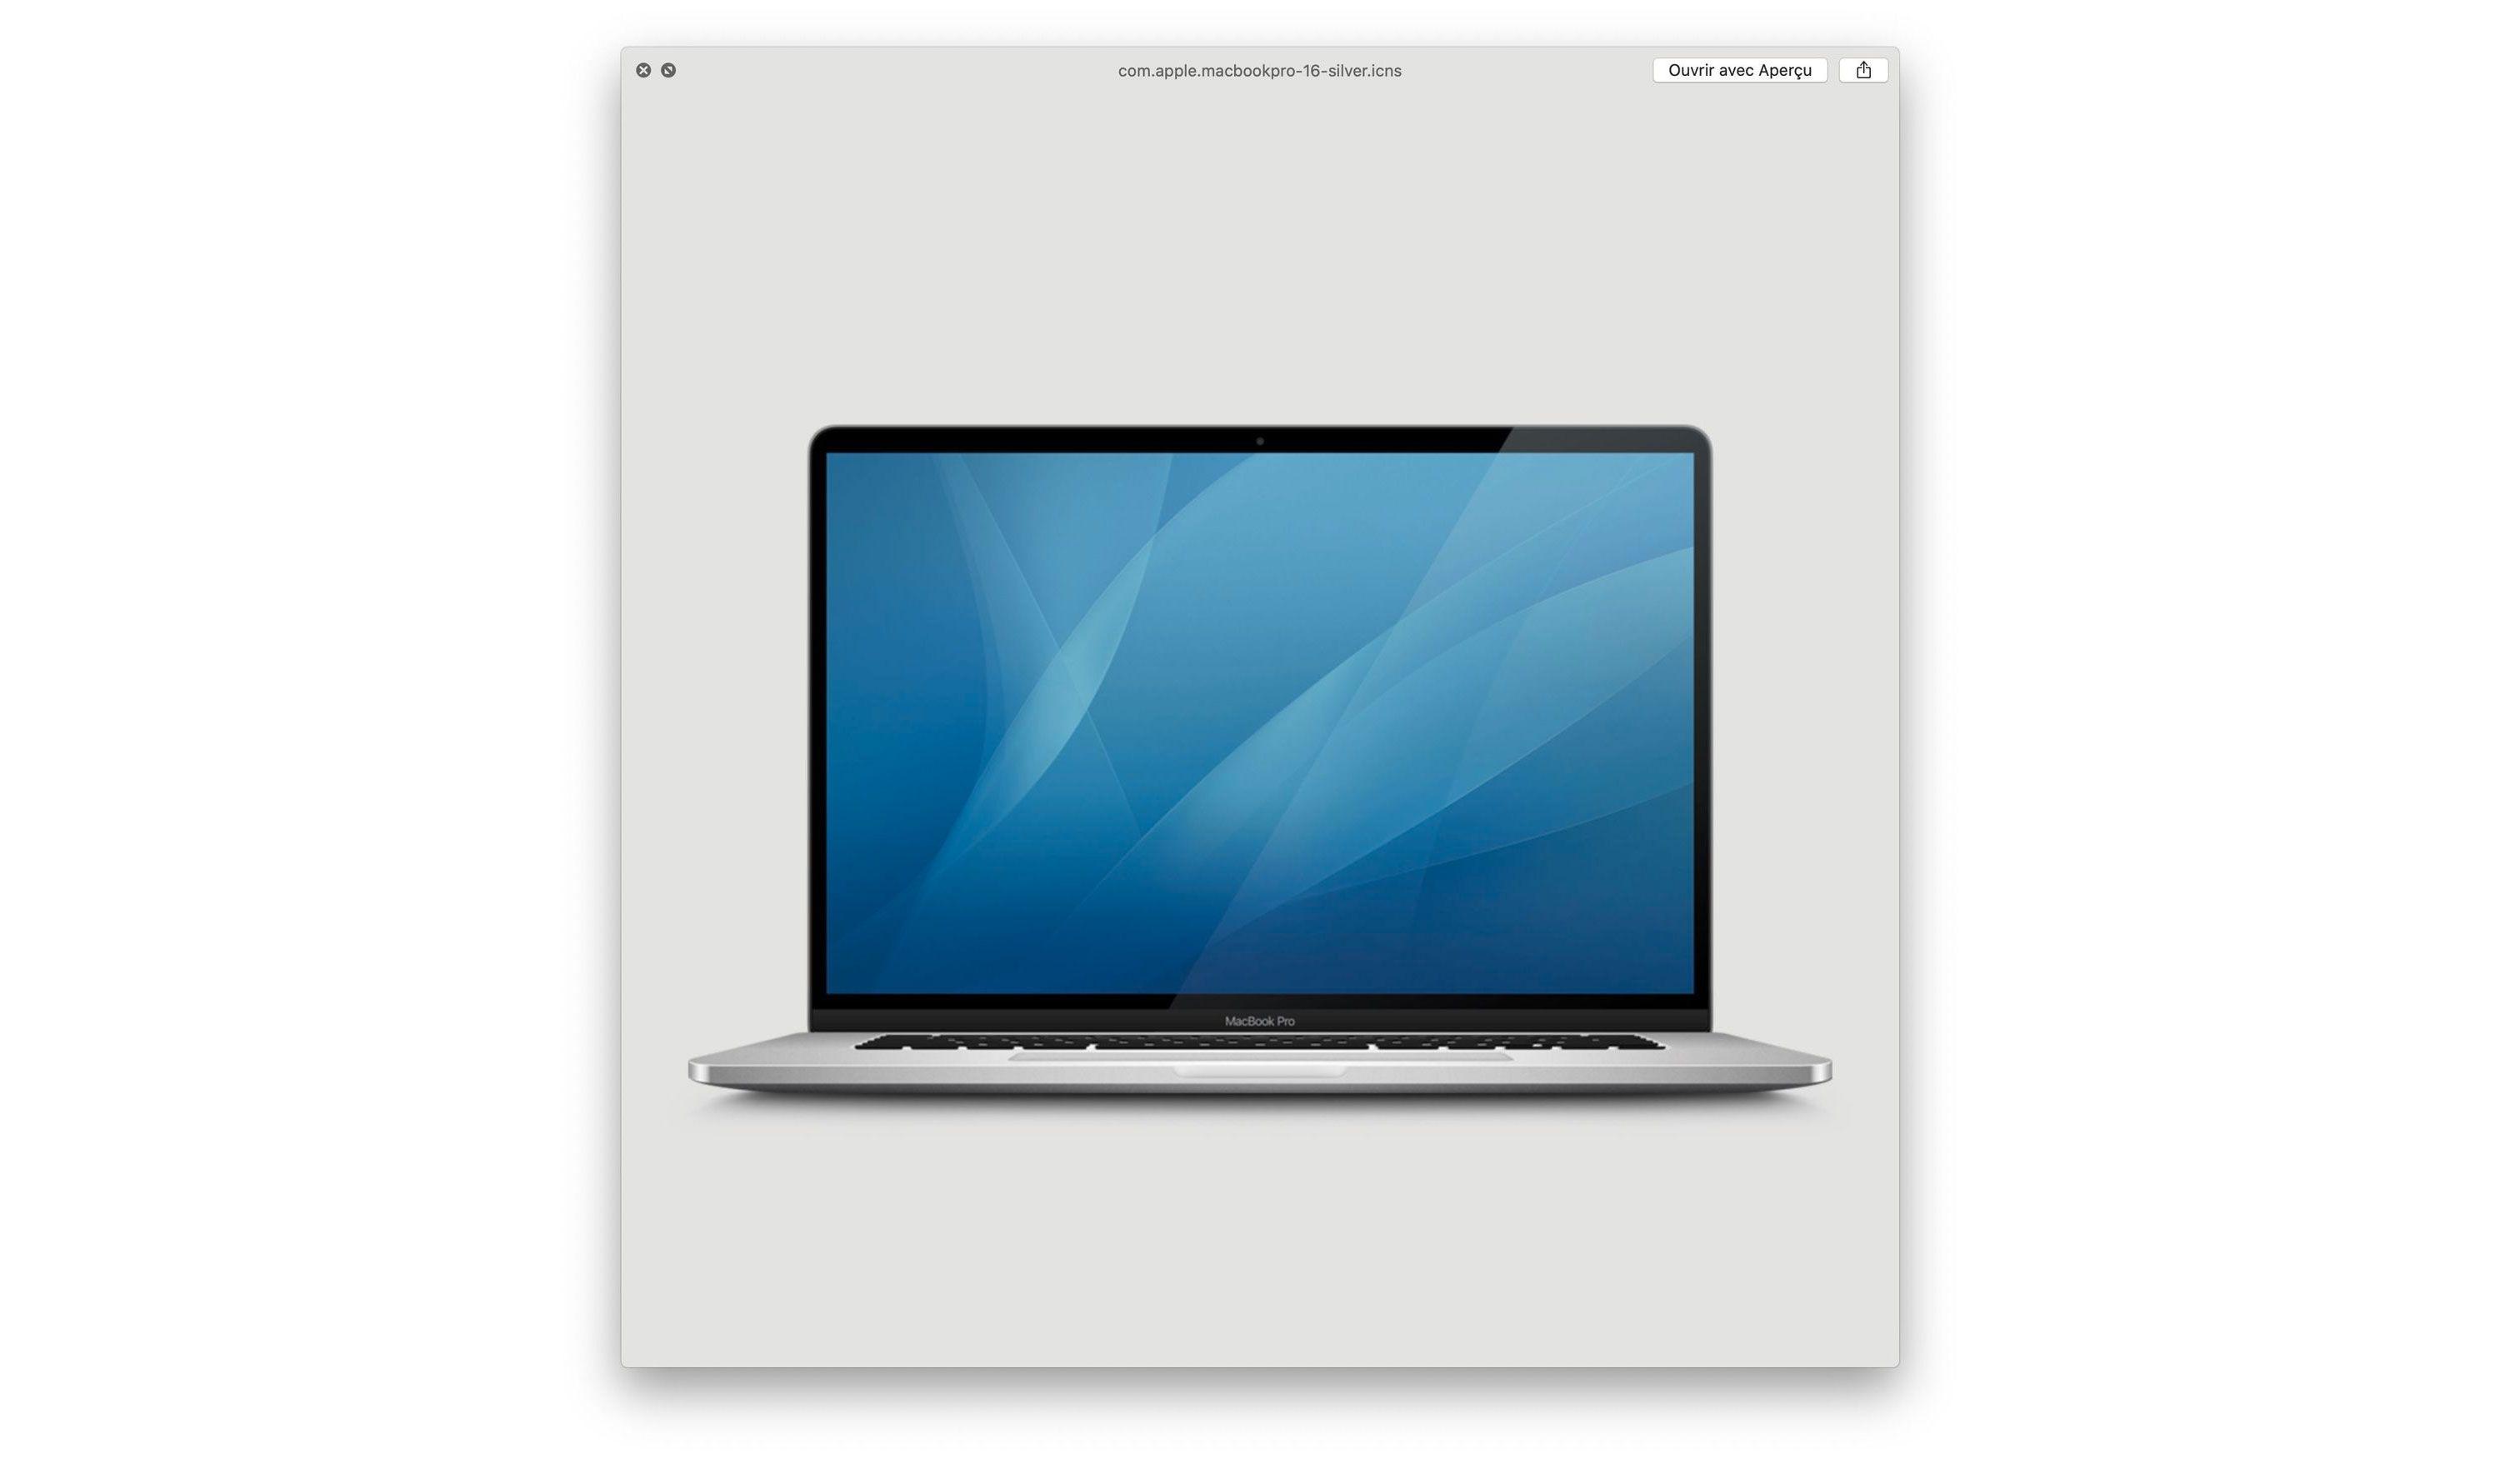 Det franske nettstedet MacGeneration fant dette ikonet i Mac OS Catalina. Bildet har tynnere skjermrammer enn de eksisterende Macbook Pro-ikonene, og dessuten filnavnet «MacbookPro-16».